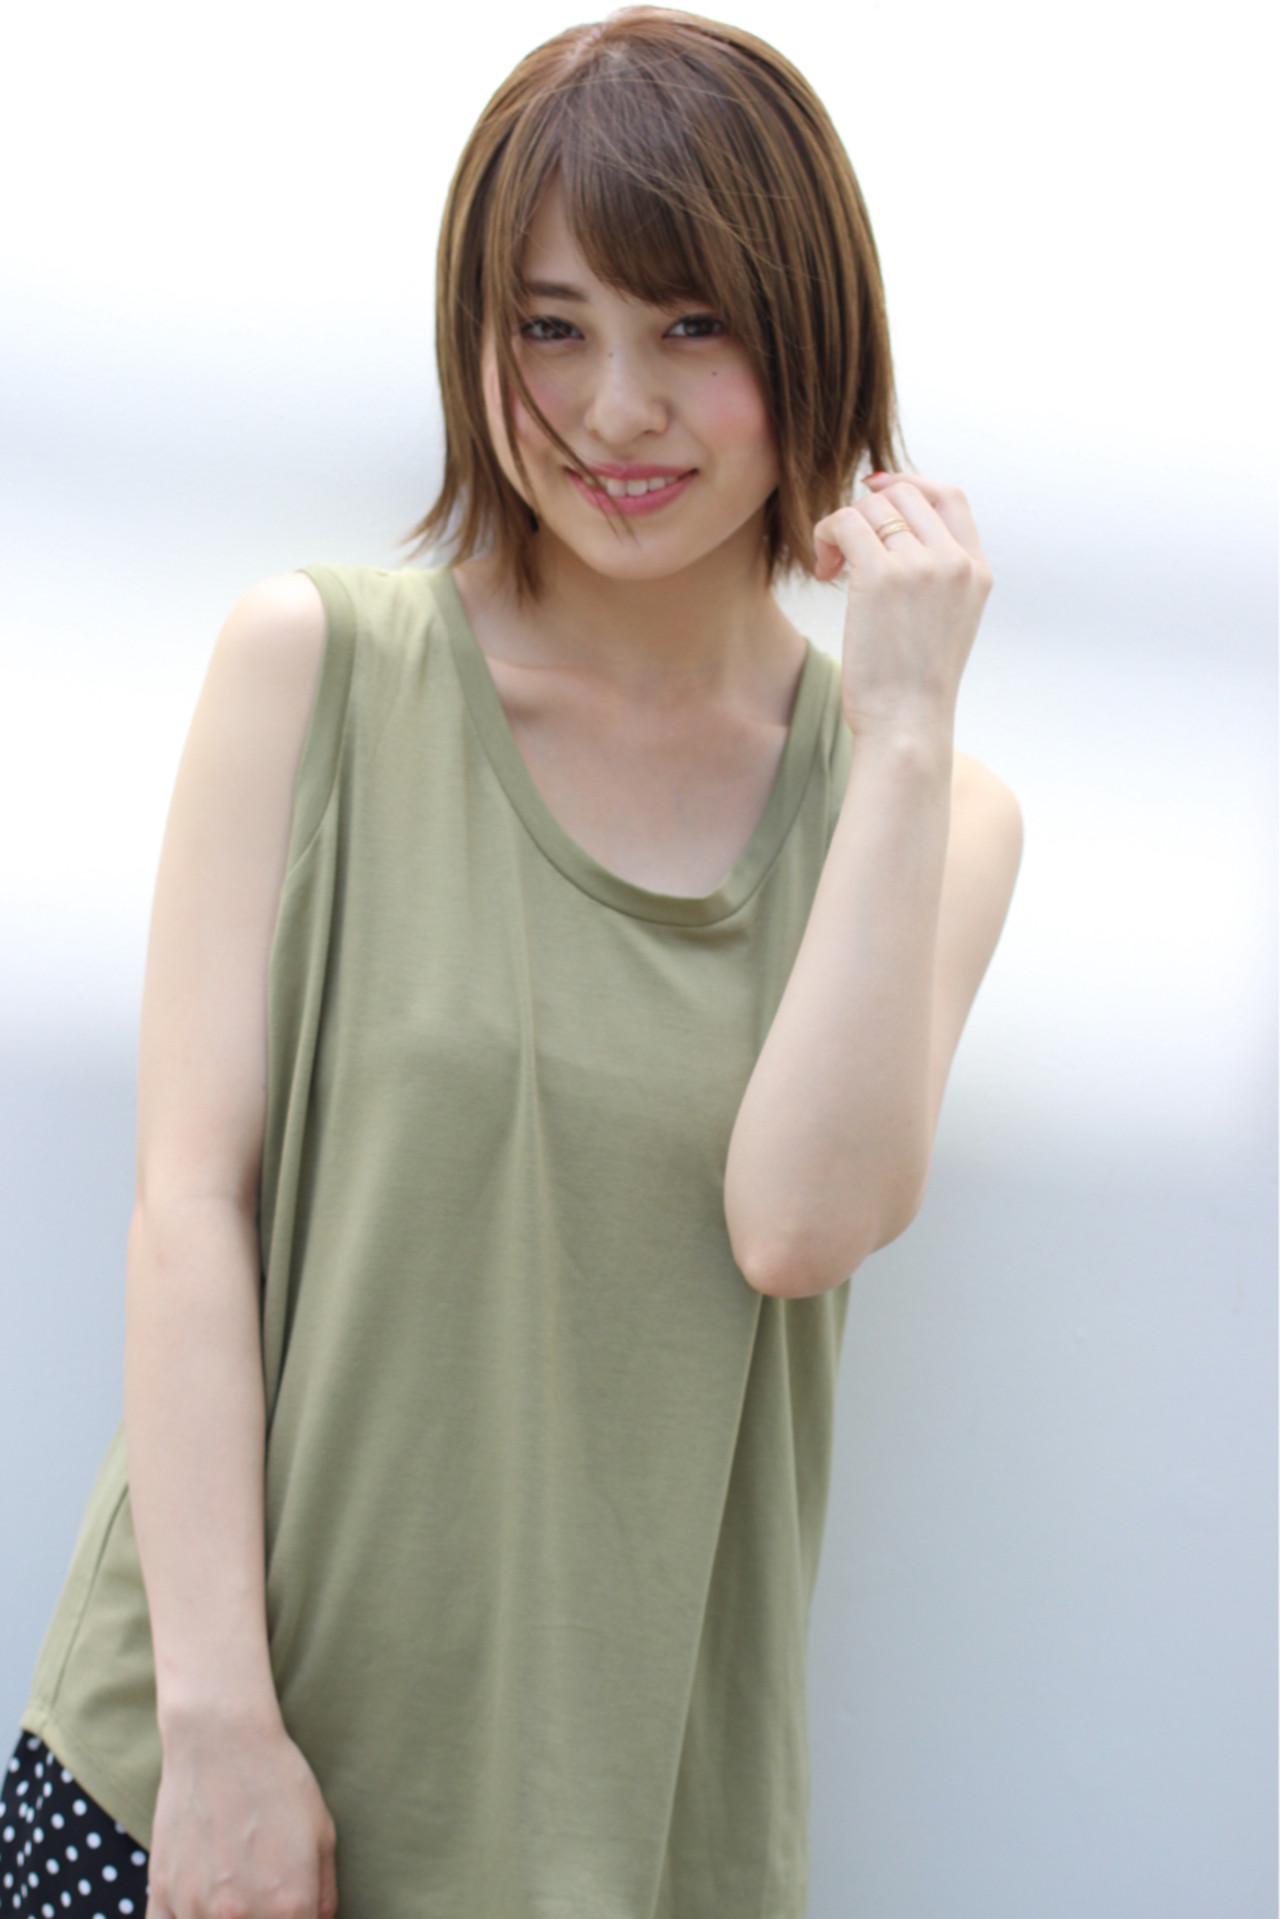 切りっぱなし 小顔 外ハネ ショート ヘアスタイルや髪型の写真・画像 | 富永大樹【小顔ショート】【小顔ミディアム】 / Unami